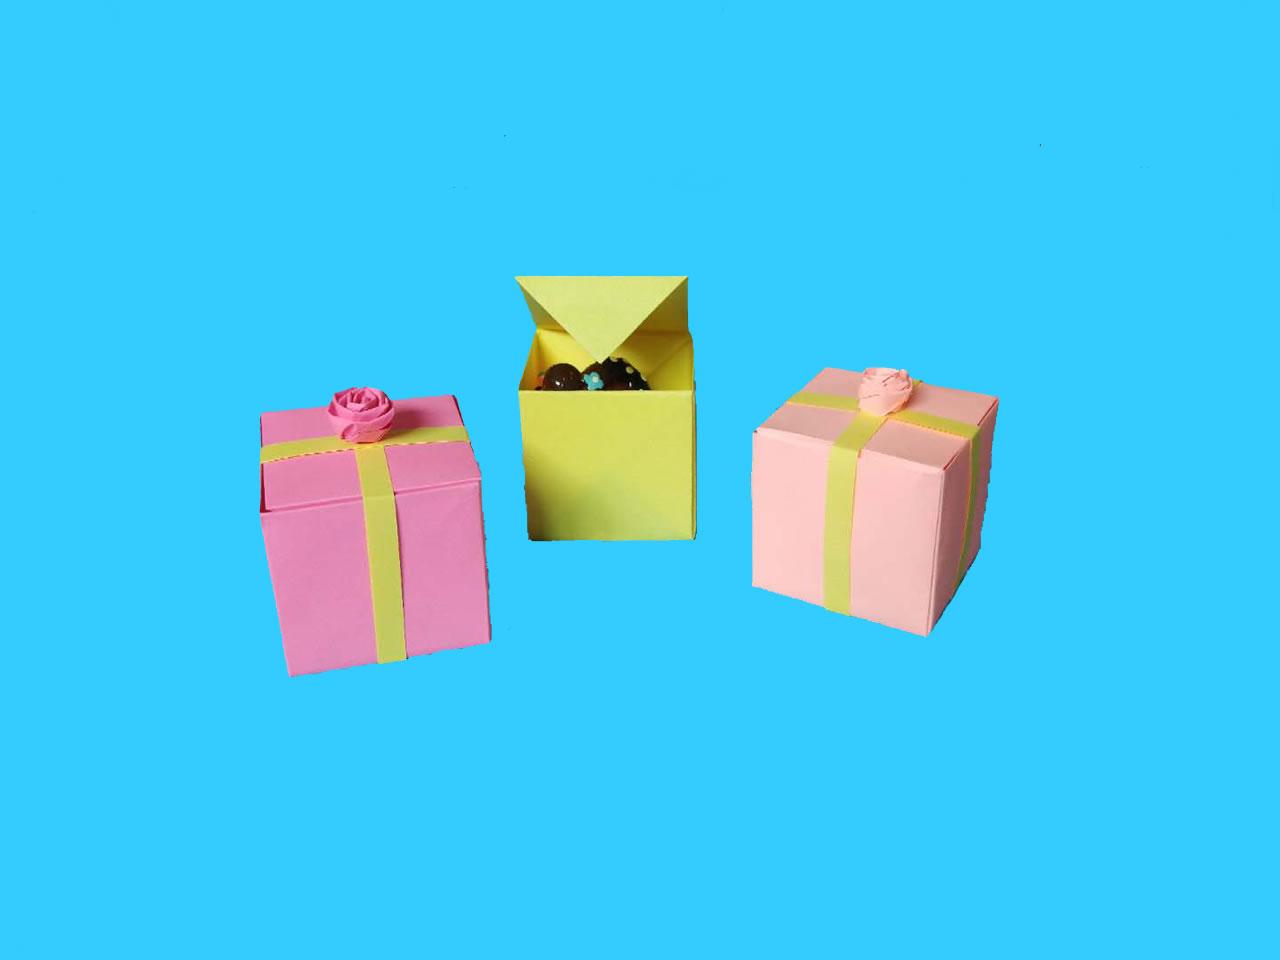 教你折纸方形带盖礼品收纳盒,简单又漂亮,手工折纸图解教程 家务 第10张